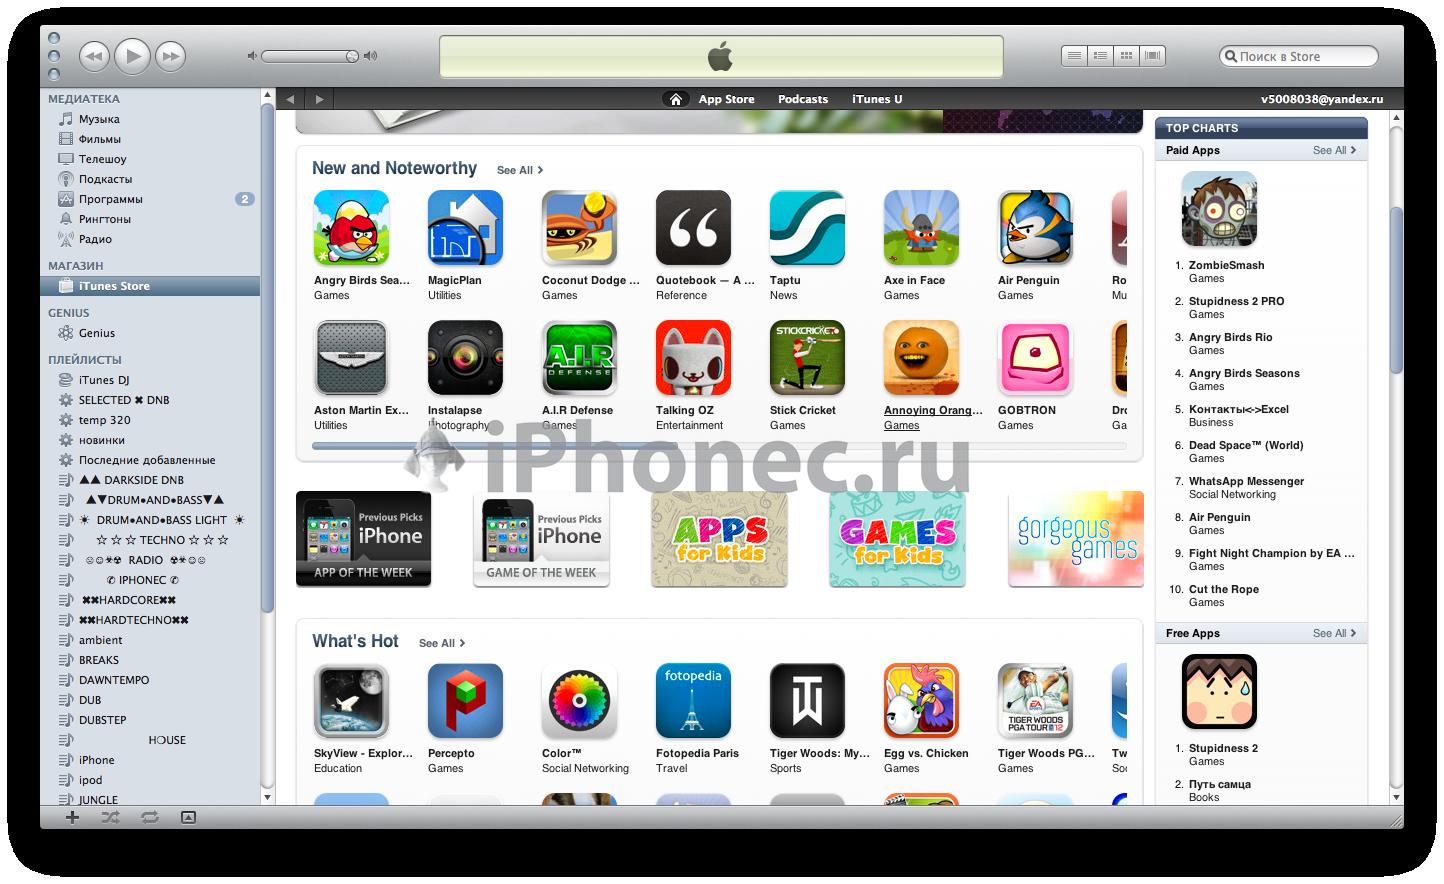 Программы игры для iphone 3g скачать